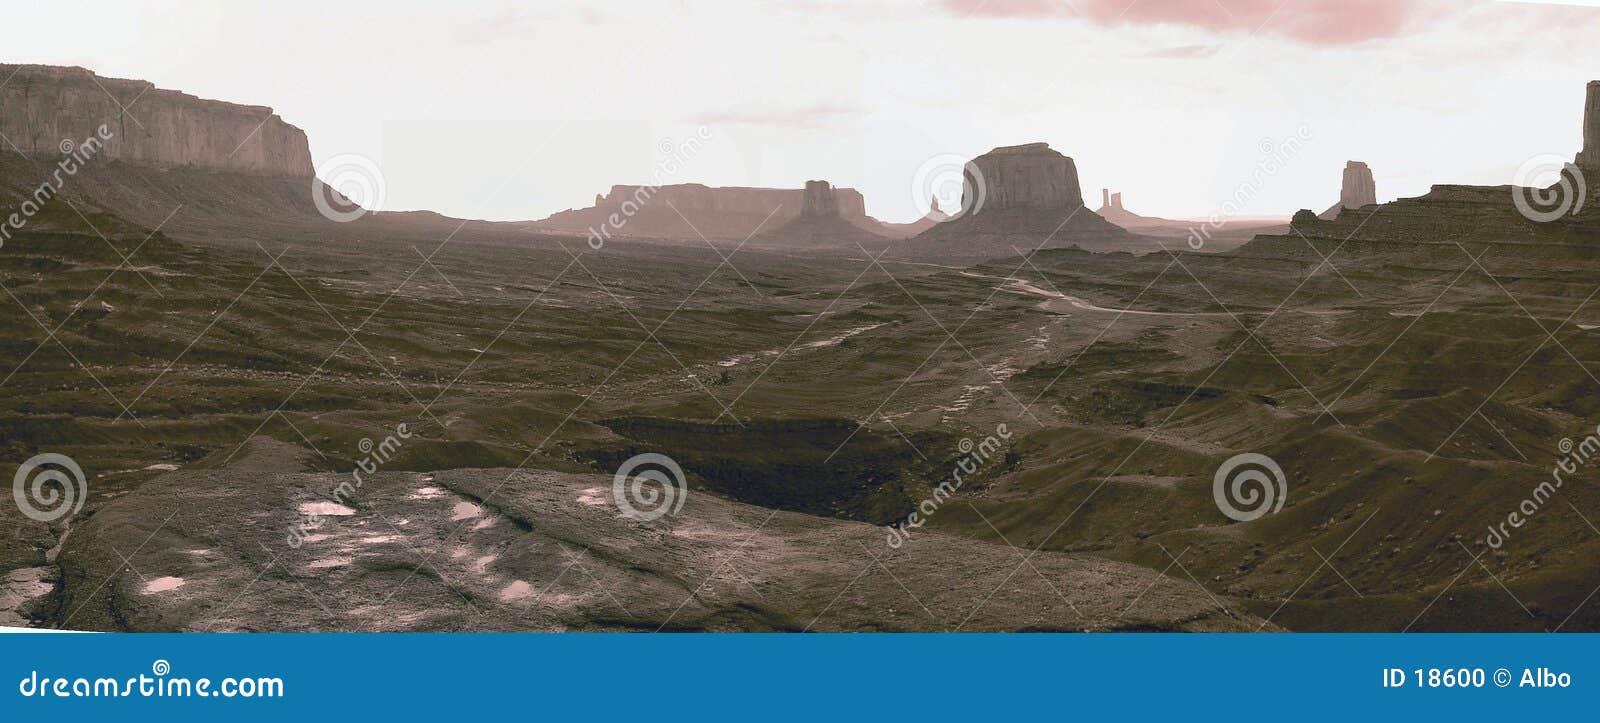 Pano del valle del monumento